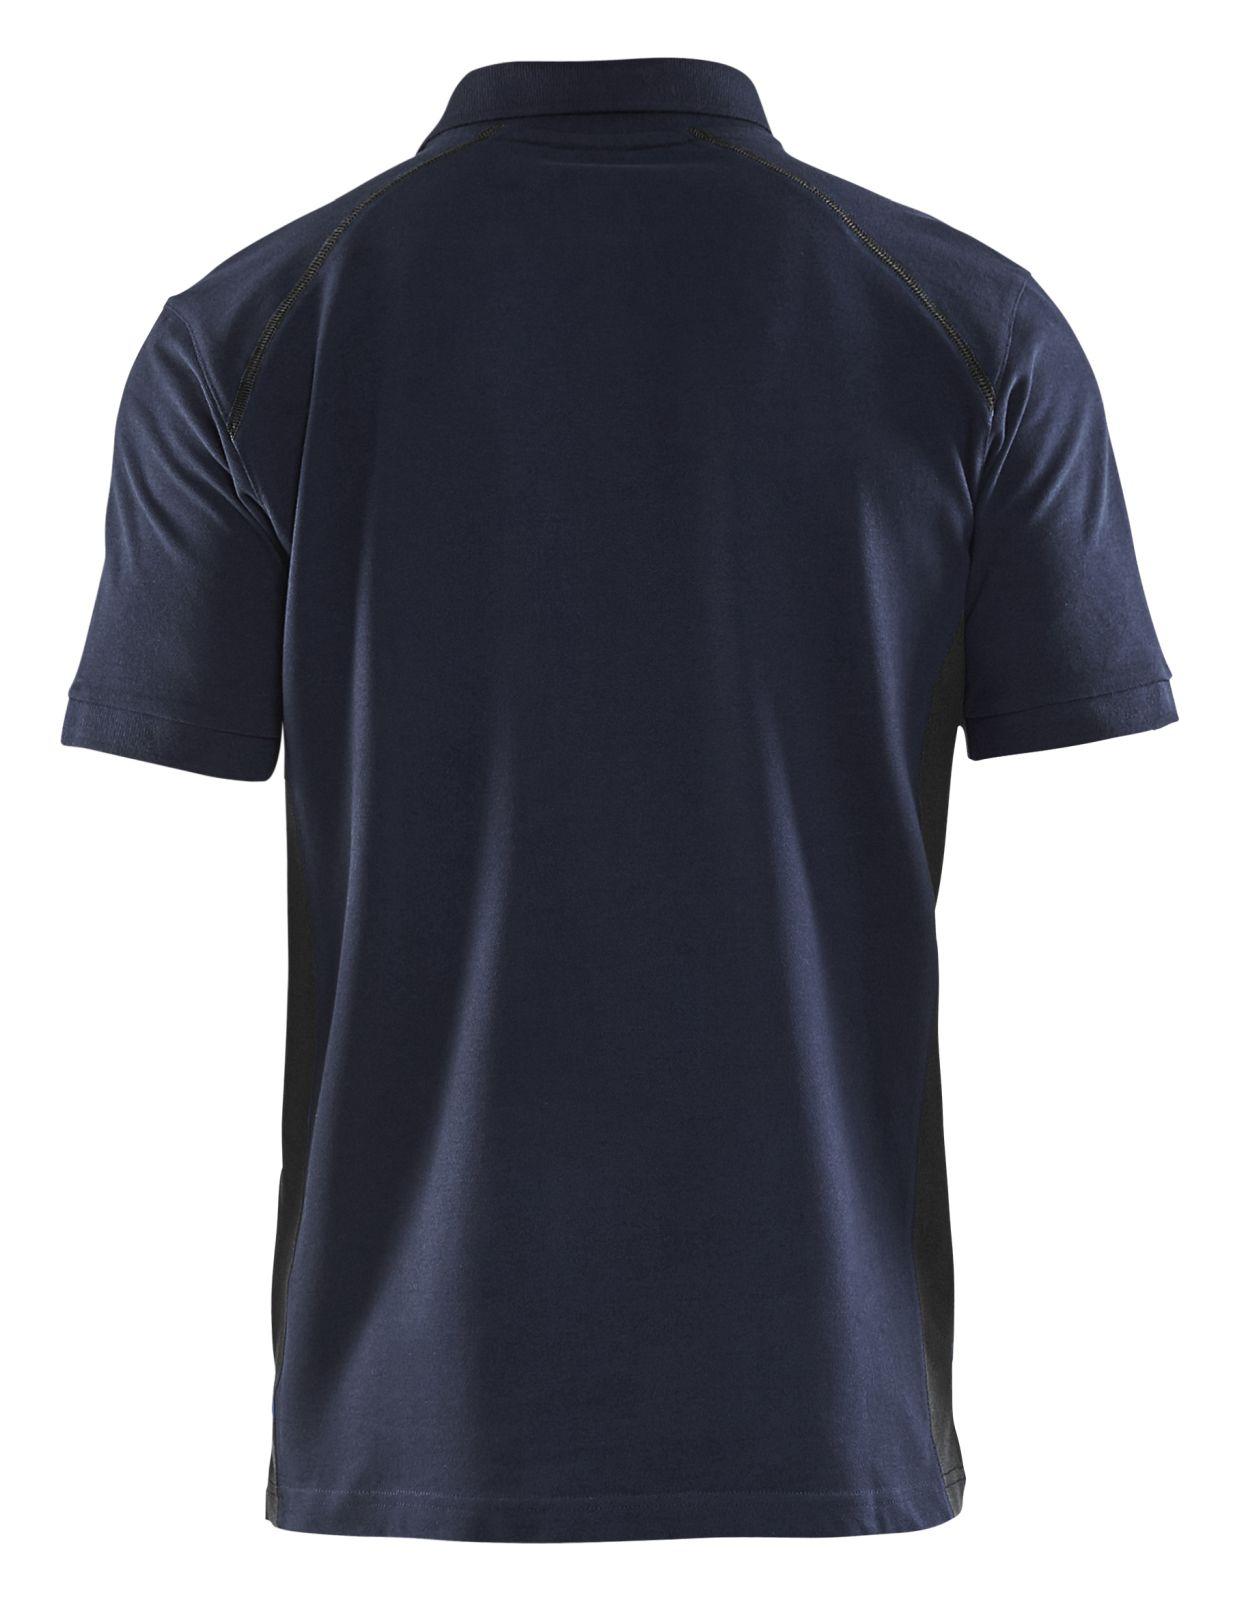 Blaklader Poloshirts 33241050 donker marineblauw-zwart(8699)